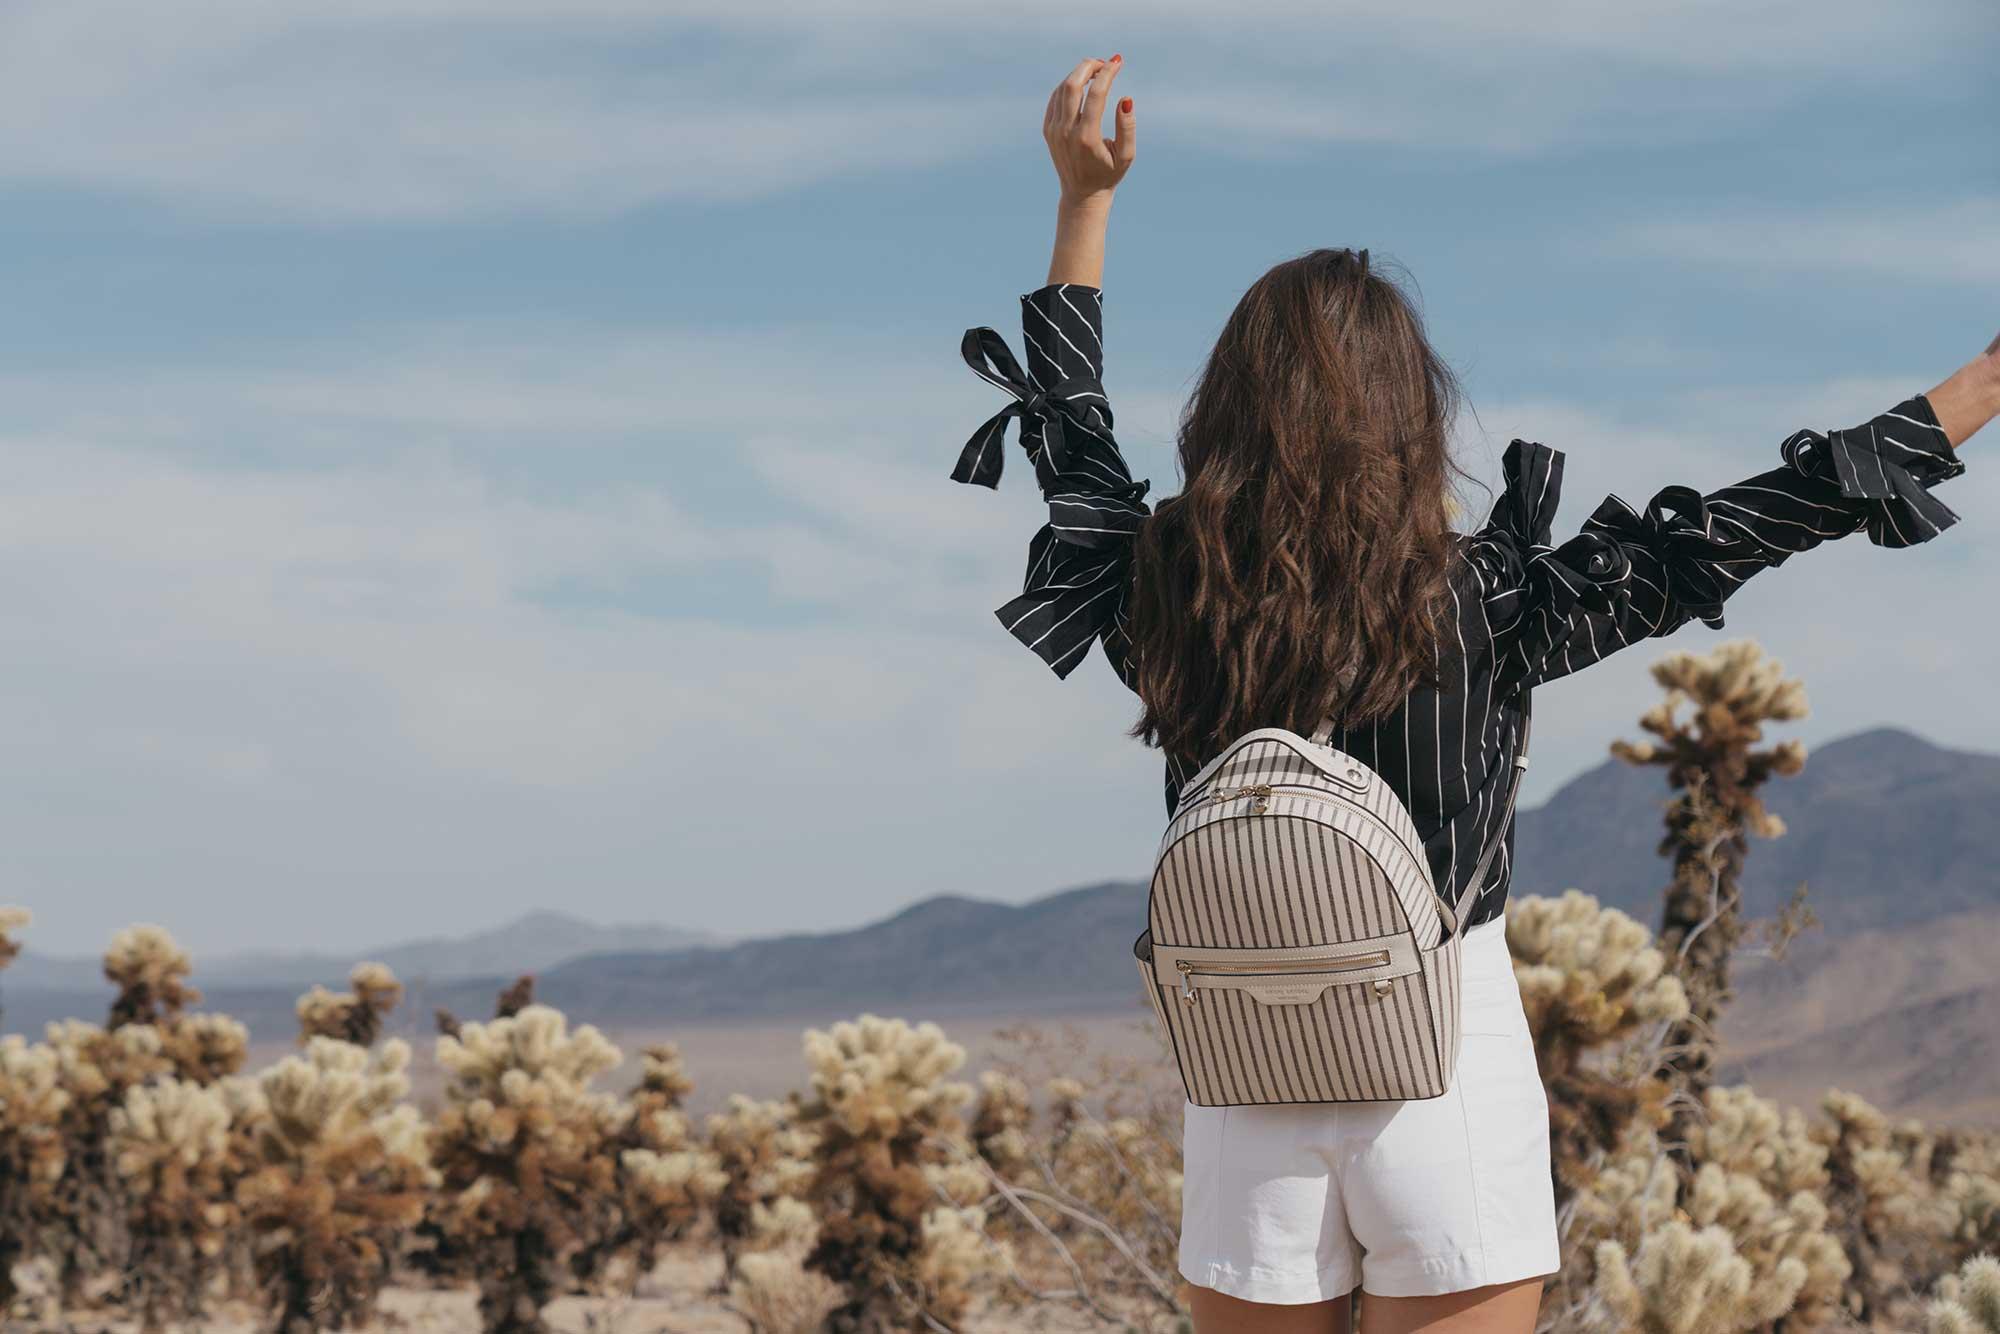 Henir Bendel WEST 57TH STRIPED BACKPACK festival outfit for Coachella Cholla Cactus Garden Joshua Tree Desert16.jpg